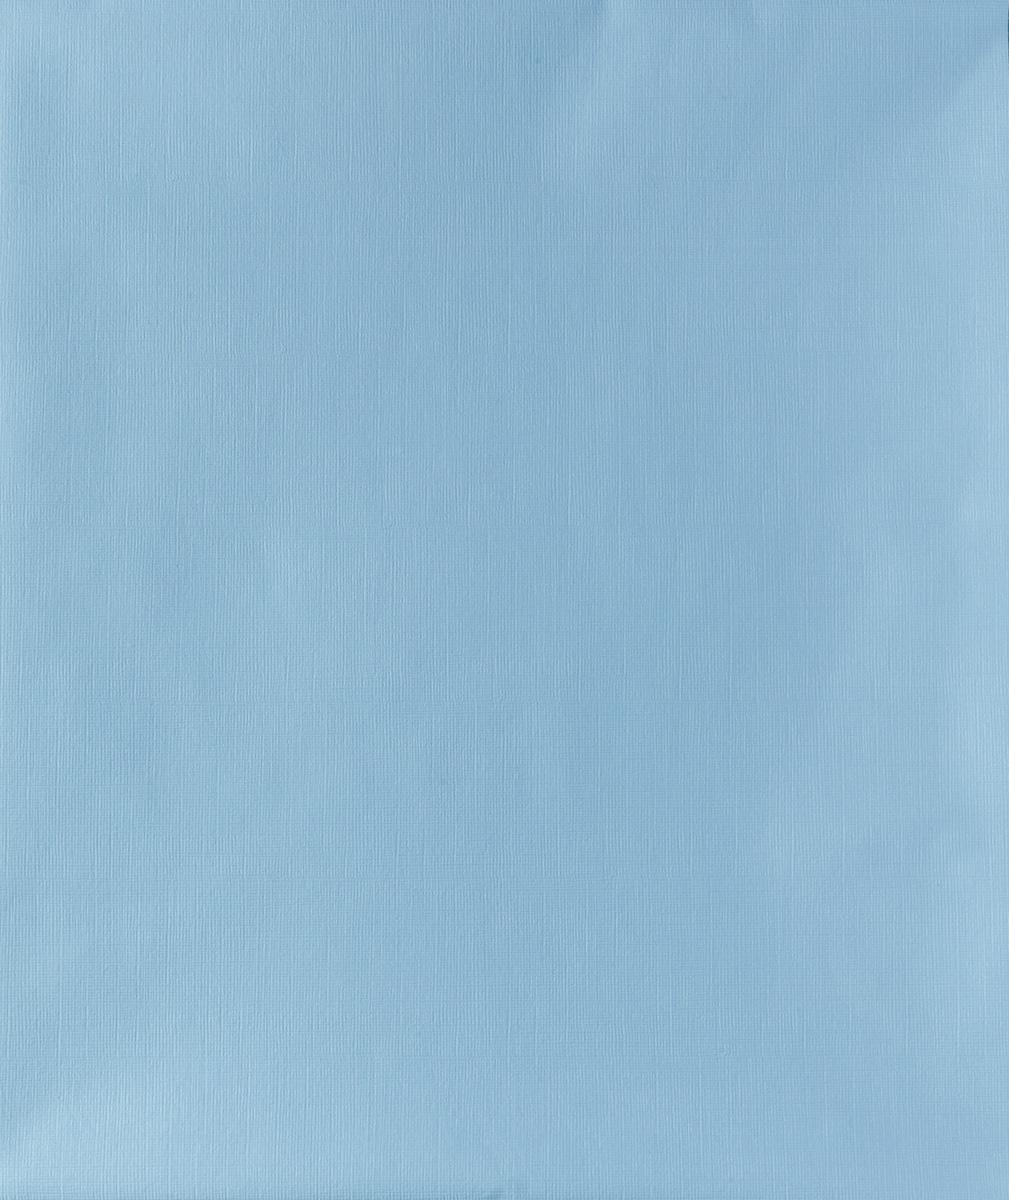 Колорит Клеенка подкладная без окантовки цвет голубой 50 х 70 см0052_голубойКлеенка подкладная с ПВХ покрытием Колорит предназначена для санитарно-гигиенических целей в качестве подкладного материала в медицинской практике и в домашних условиях. ПВХ покрытие влагонепроницаемо и обладает эффектом теплоотдачи, что исключает эффект холодного прикосновения. Микропористая структура поливинилхлоридного покрытия способствует профилактике пролежней и трофических проявлений.